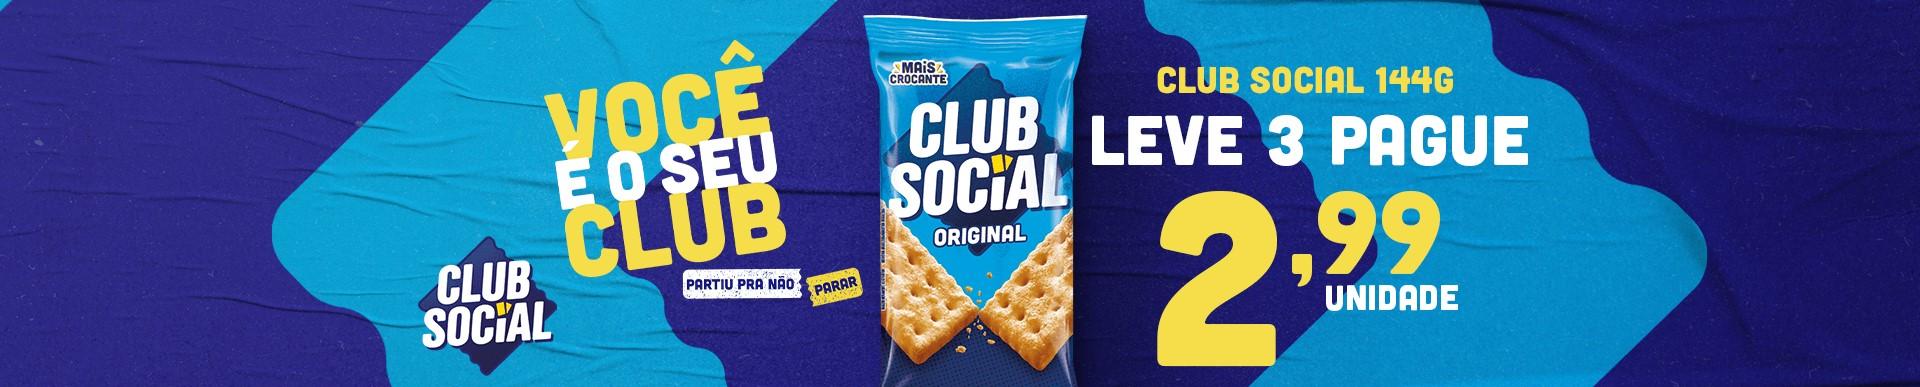 trade-club-social